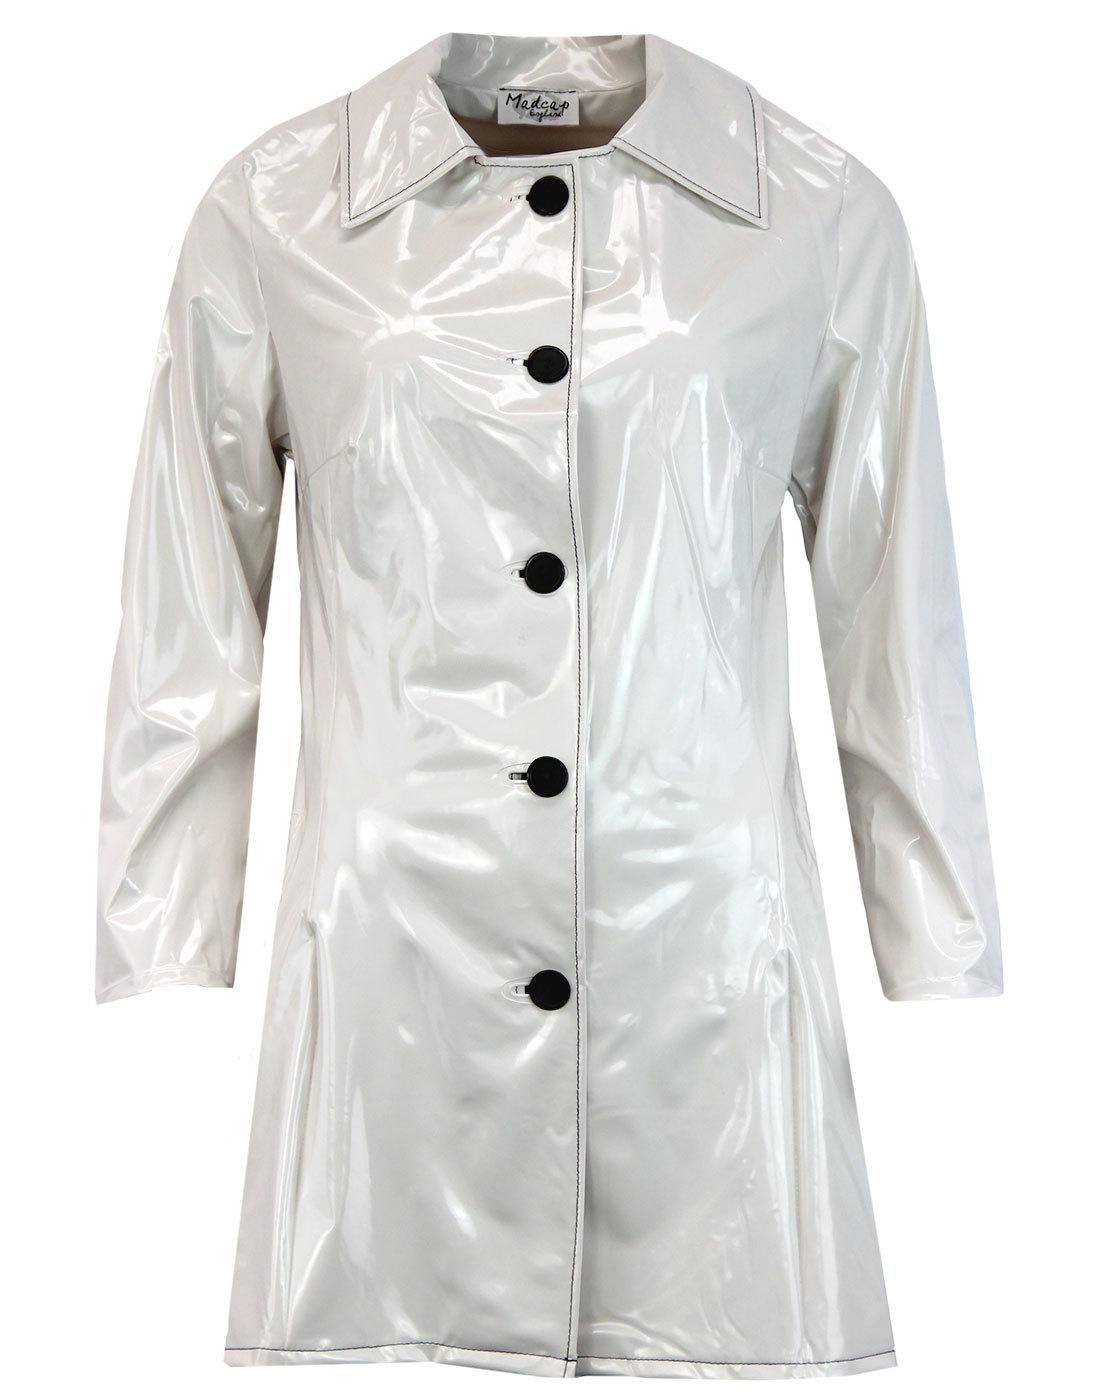 madcap england jackie 60s mod pvc raincoat white